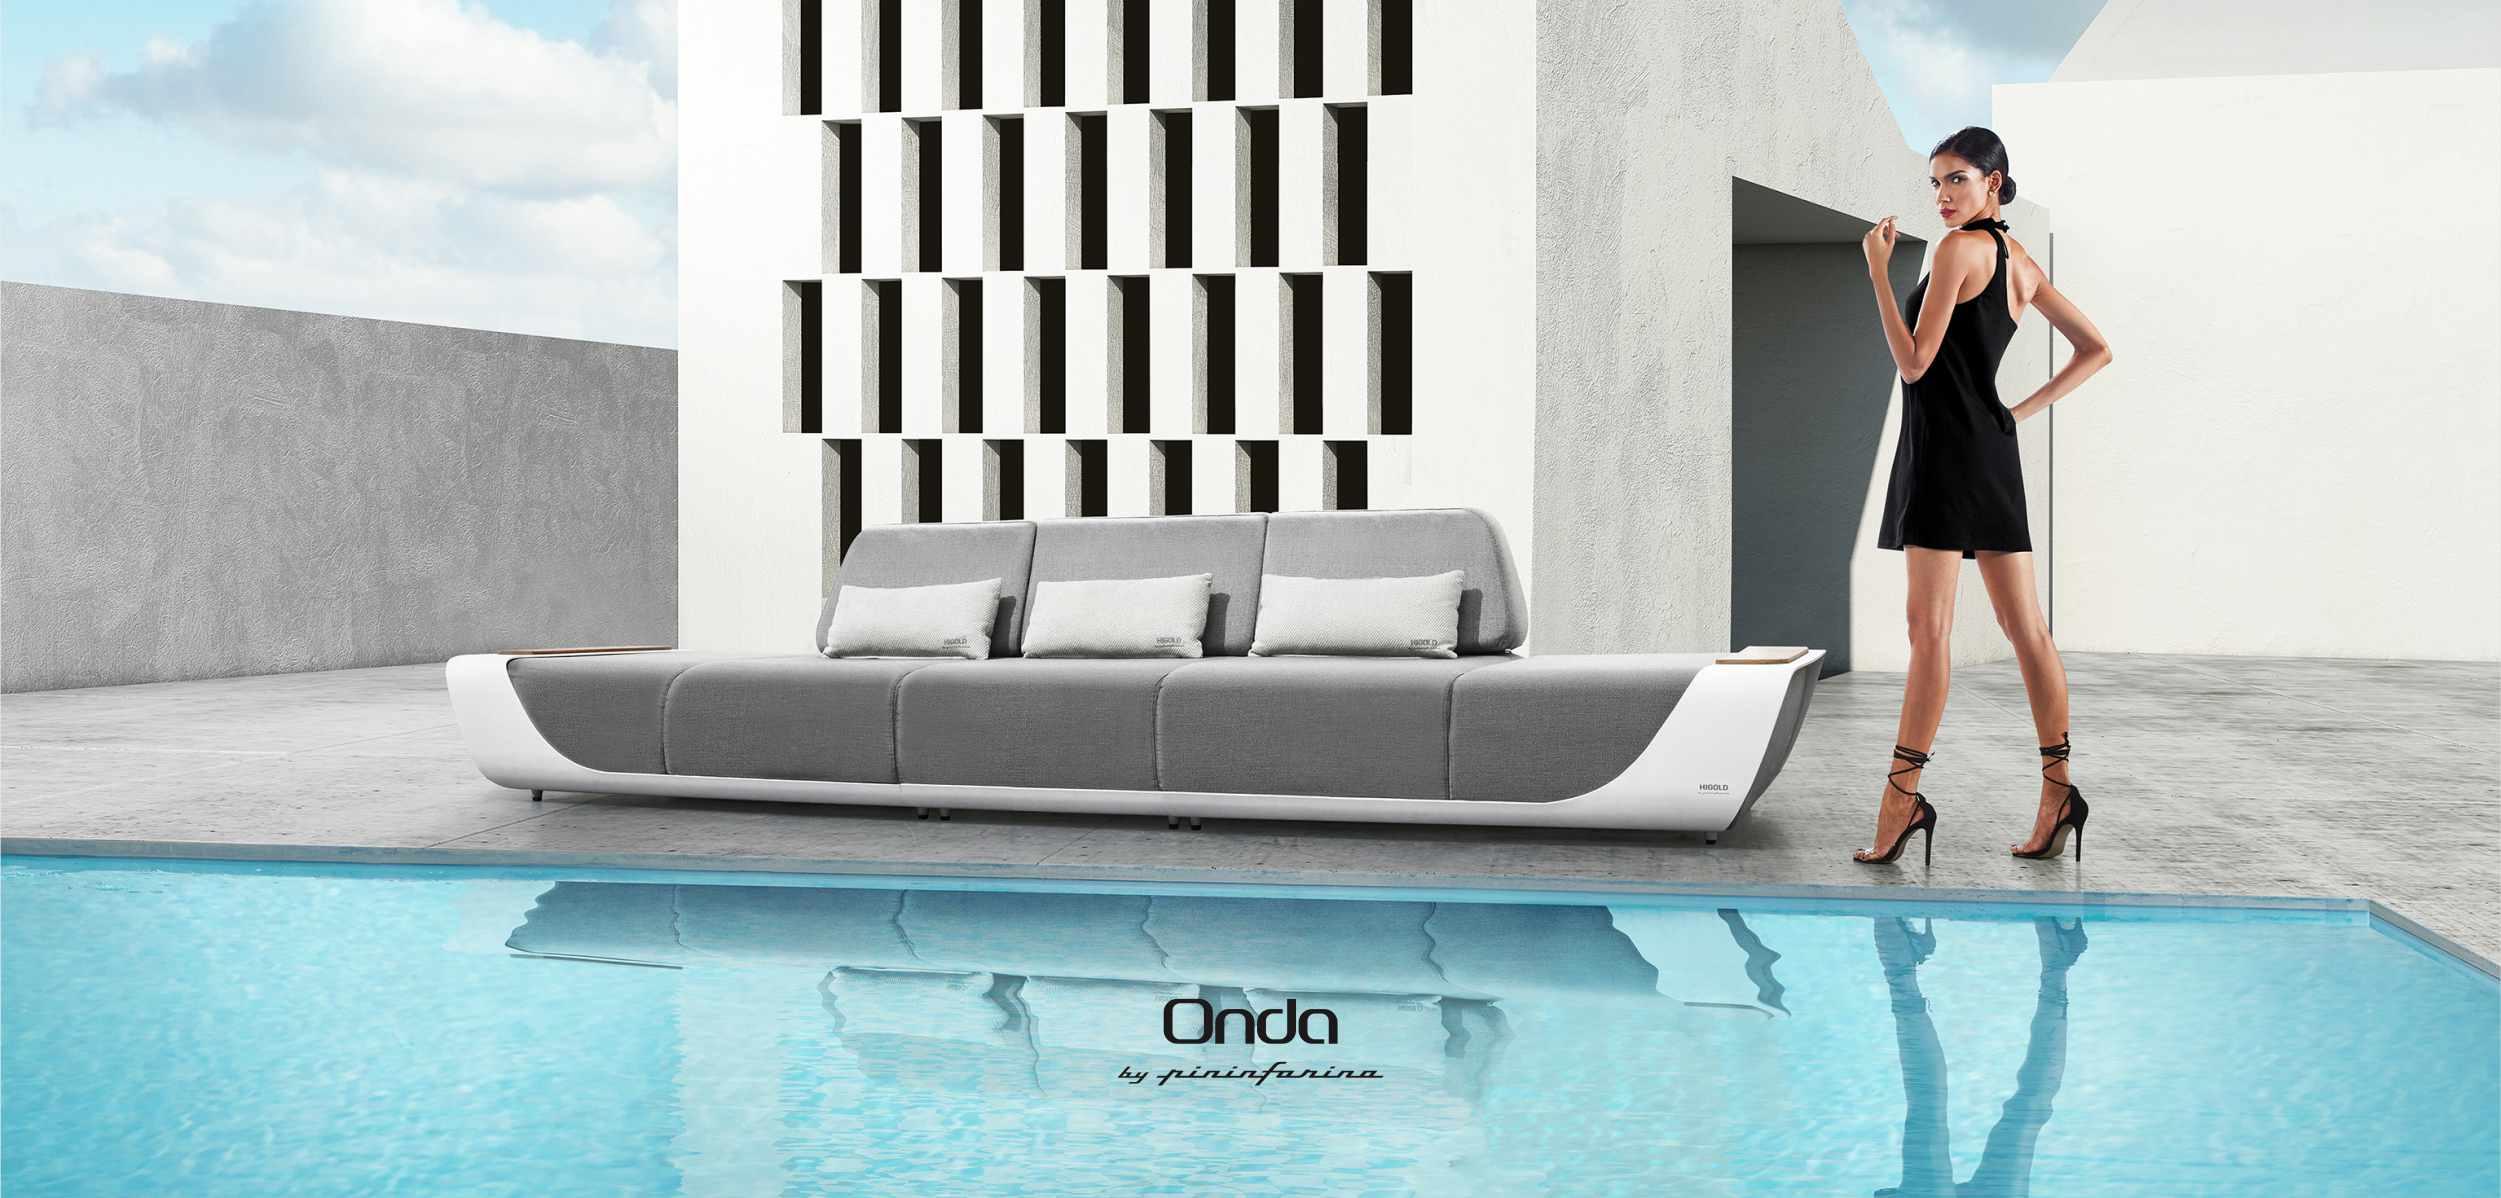 Onda Long Sofa